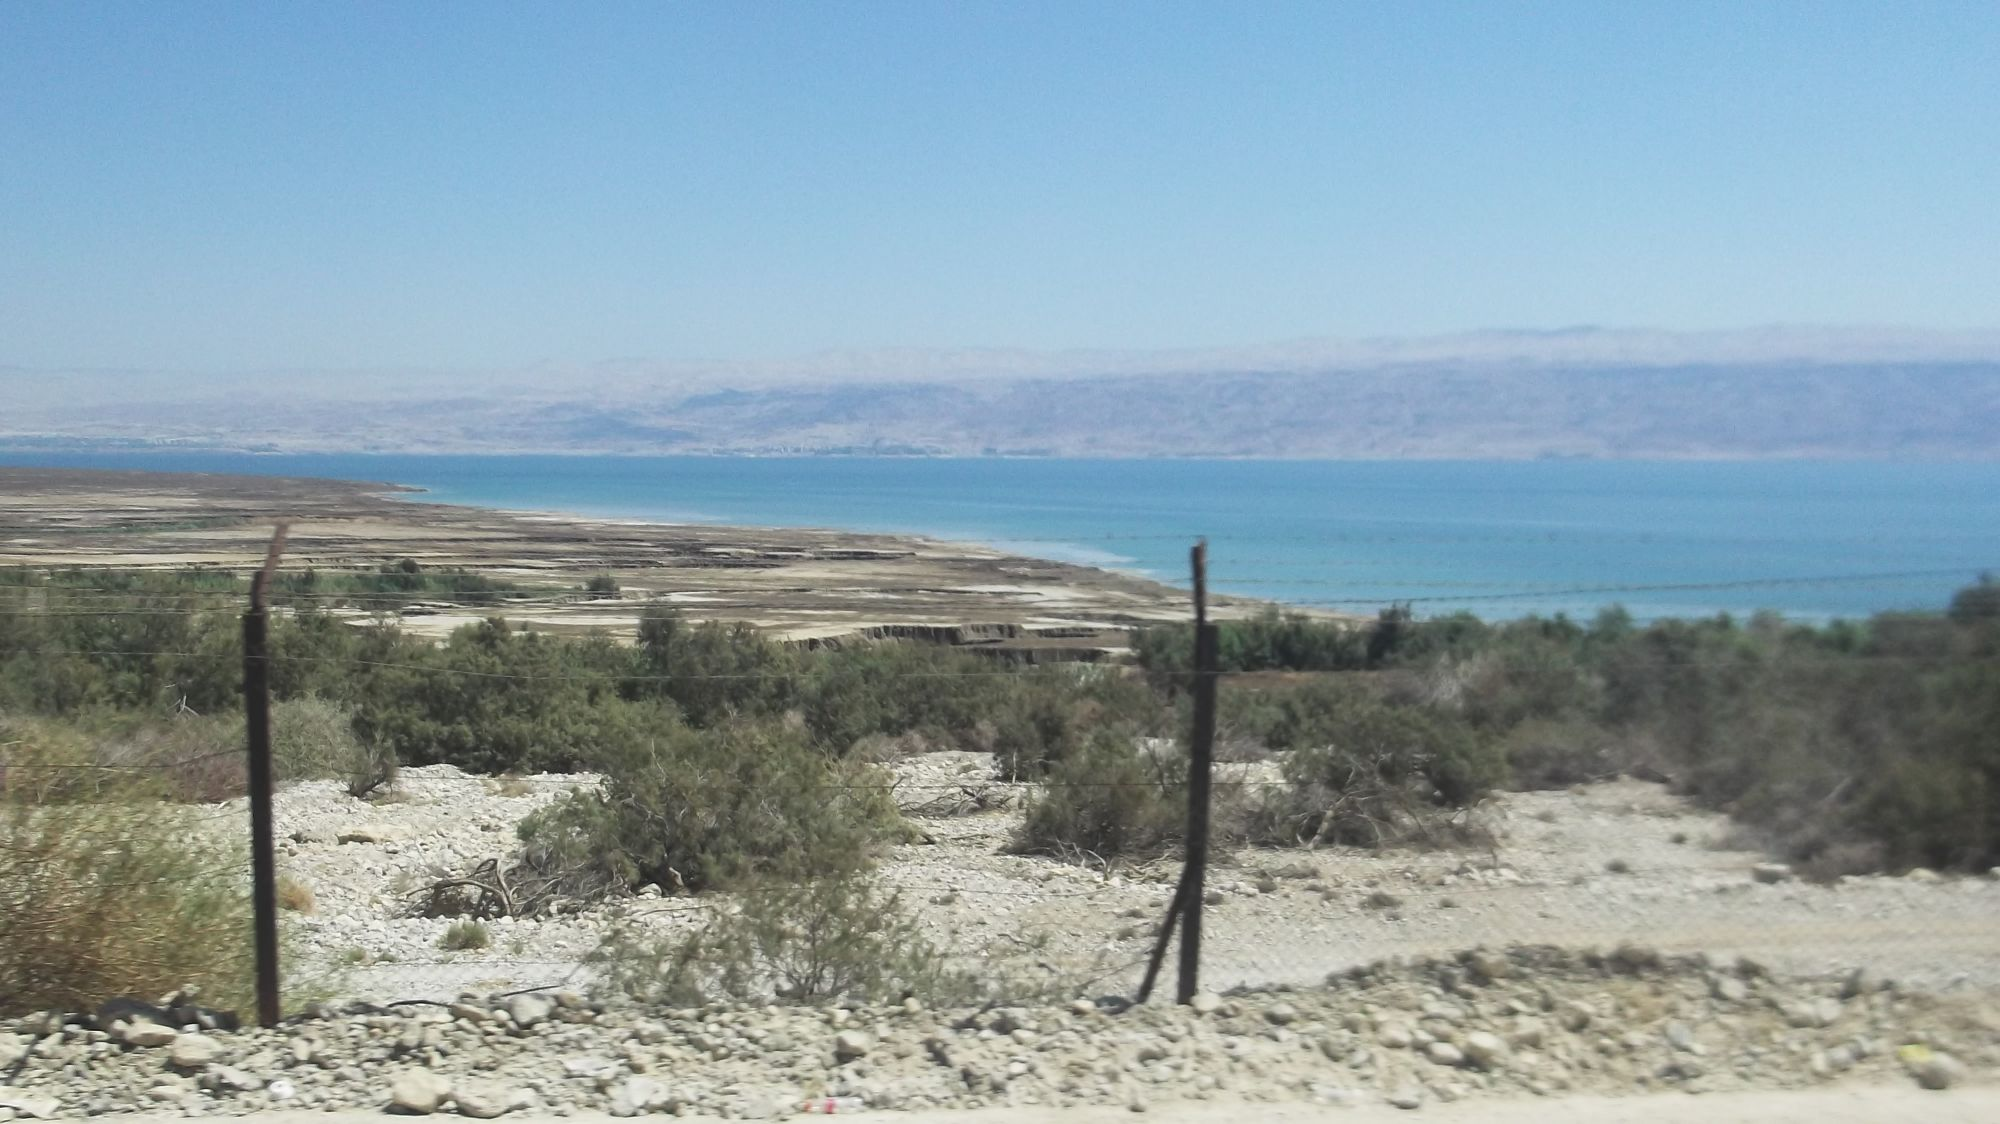 Izrael - Morze Martwe - zdjęcia, atrakcje